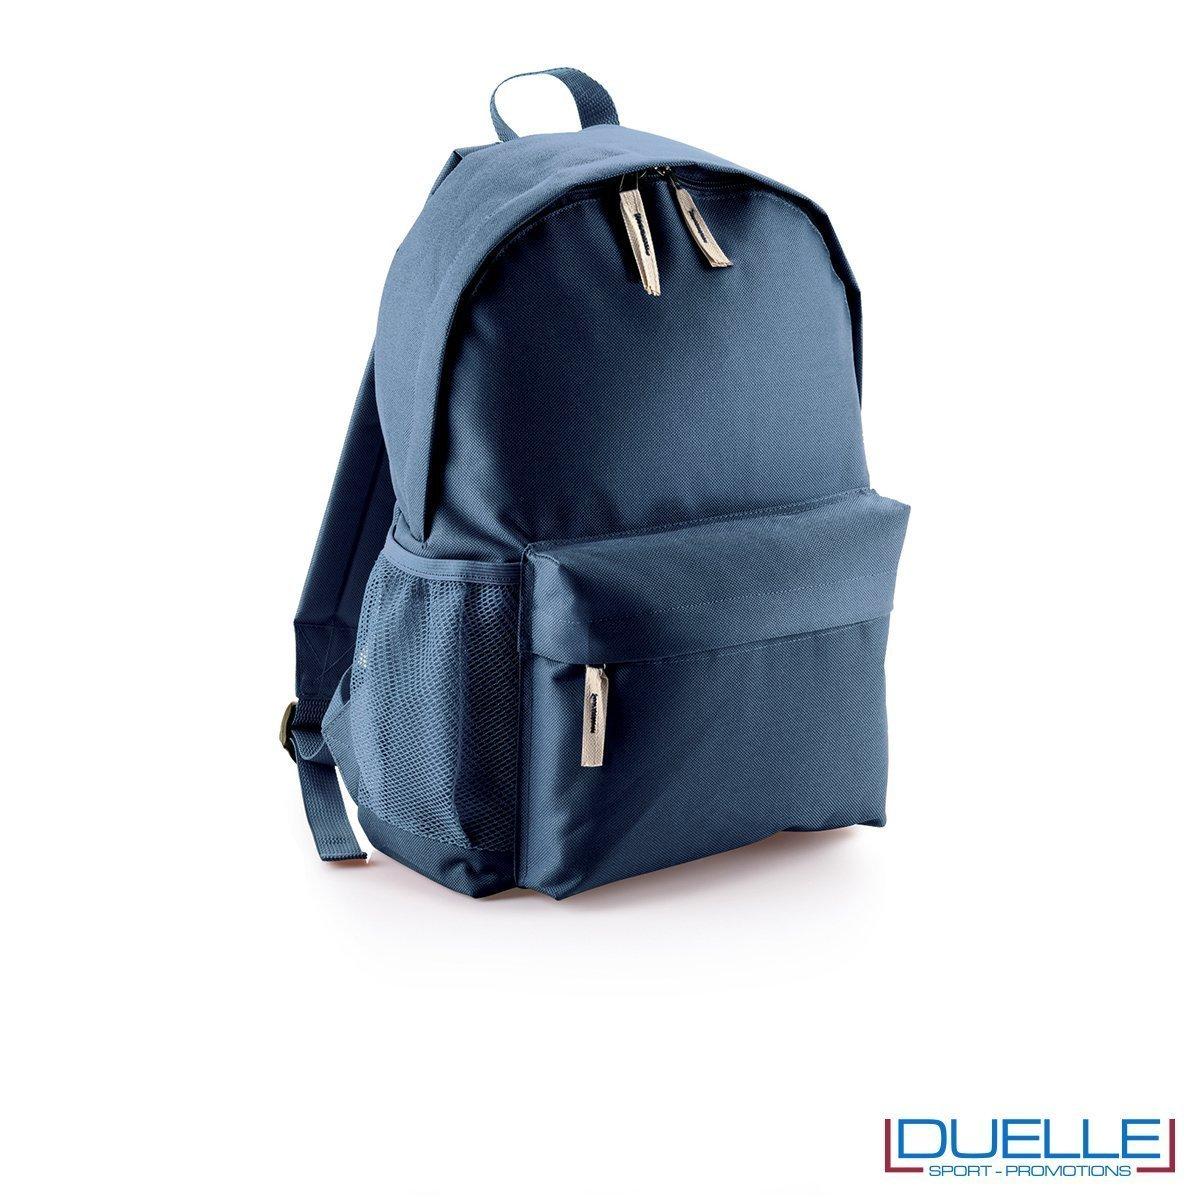 zaino personalizzato colore blu navy, gadget promozionale sport e tempo libero. Zainetto economico da stampare